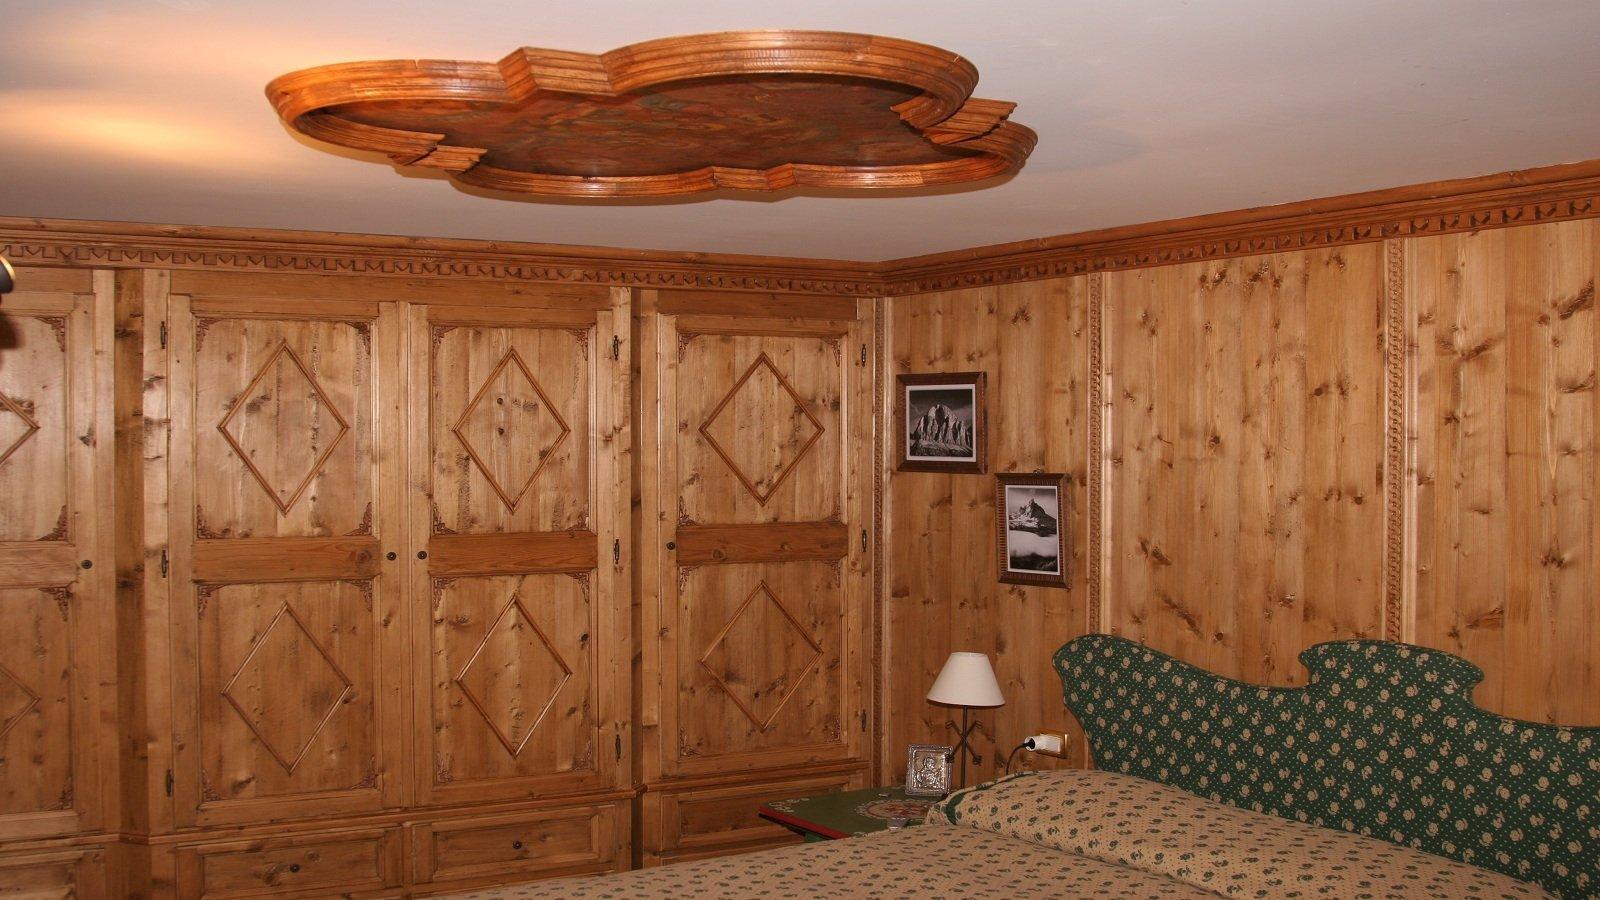 una camera da letto con armadi in legno e due quadretti